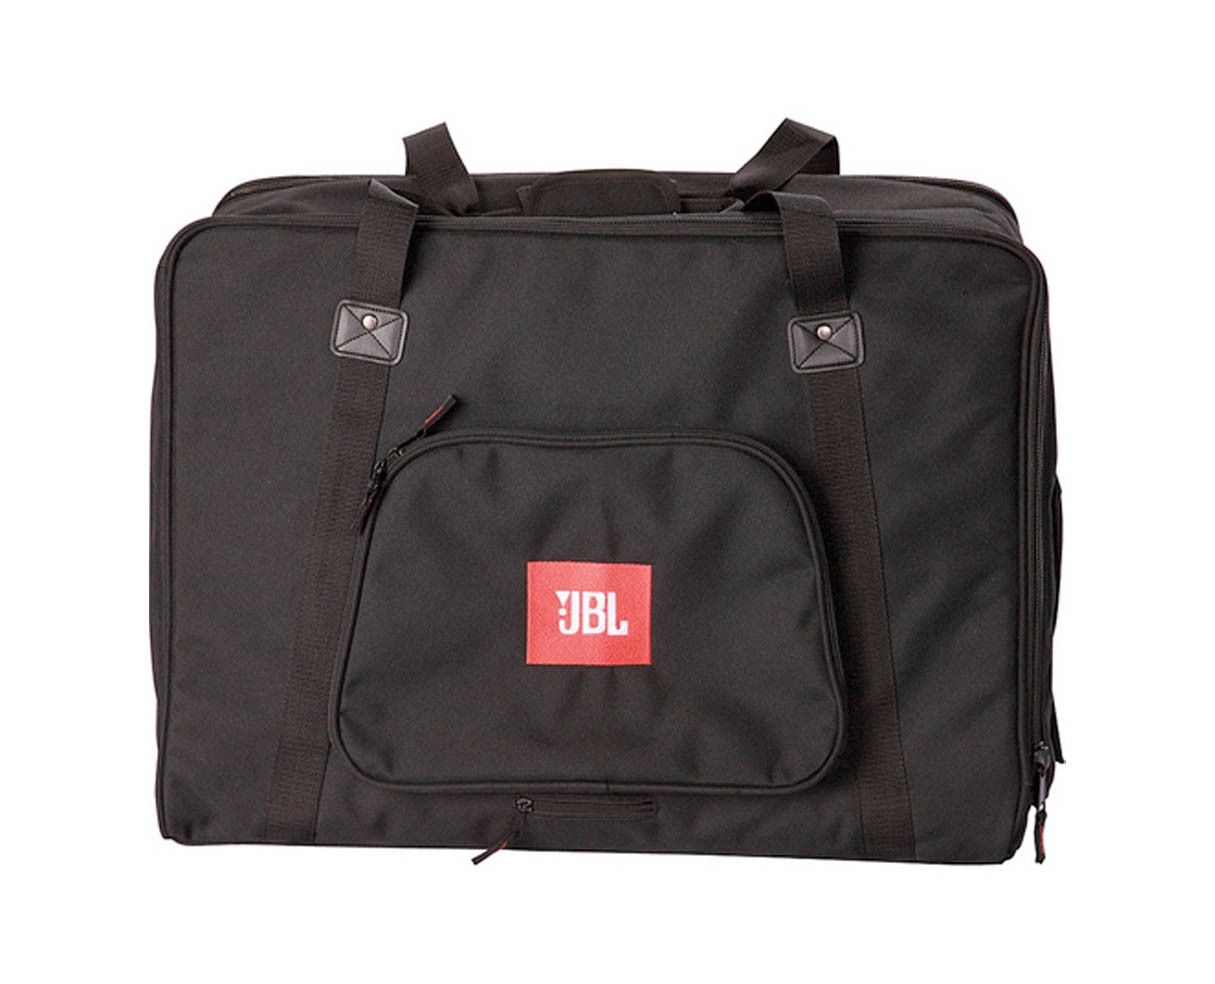 JBL Bags VRX932LAP-BAG